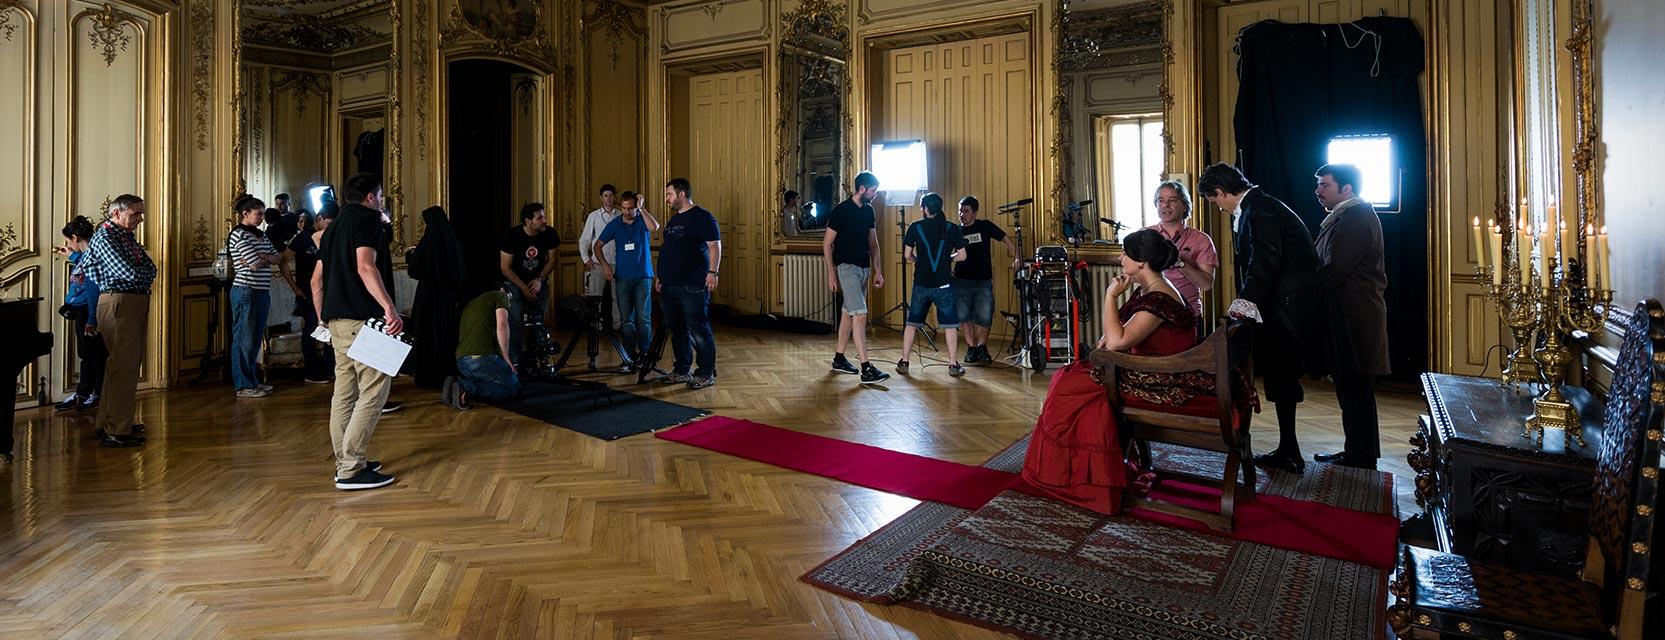 Goya Producciones interior palacio